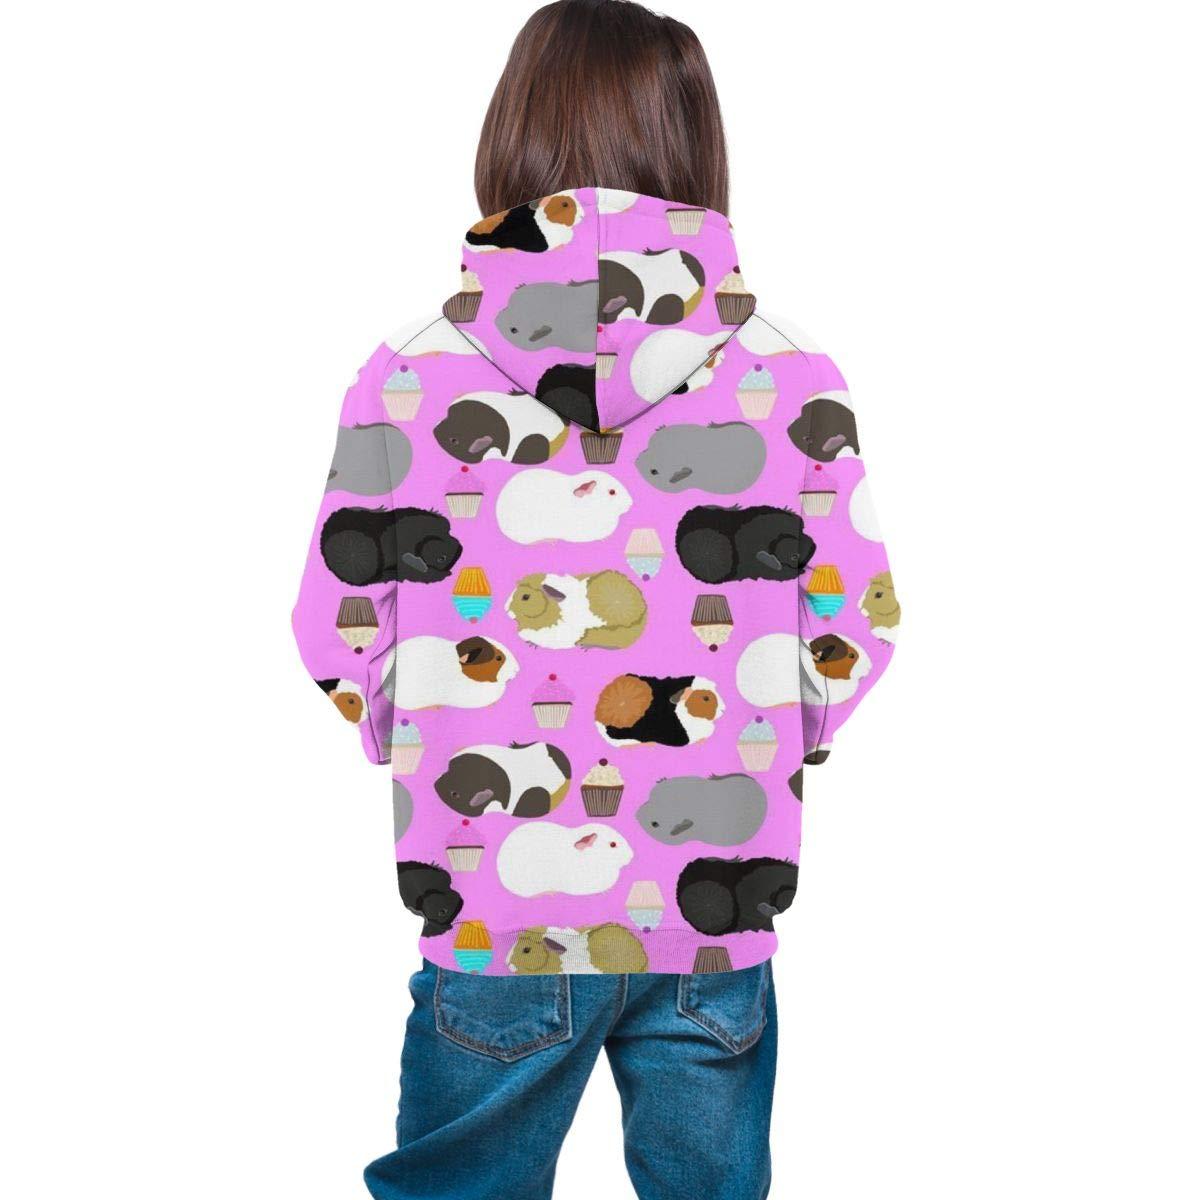 Boys /& Girls Long Sleeves Hoodie Hooded Sweatshirt Fit Tracksuits